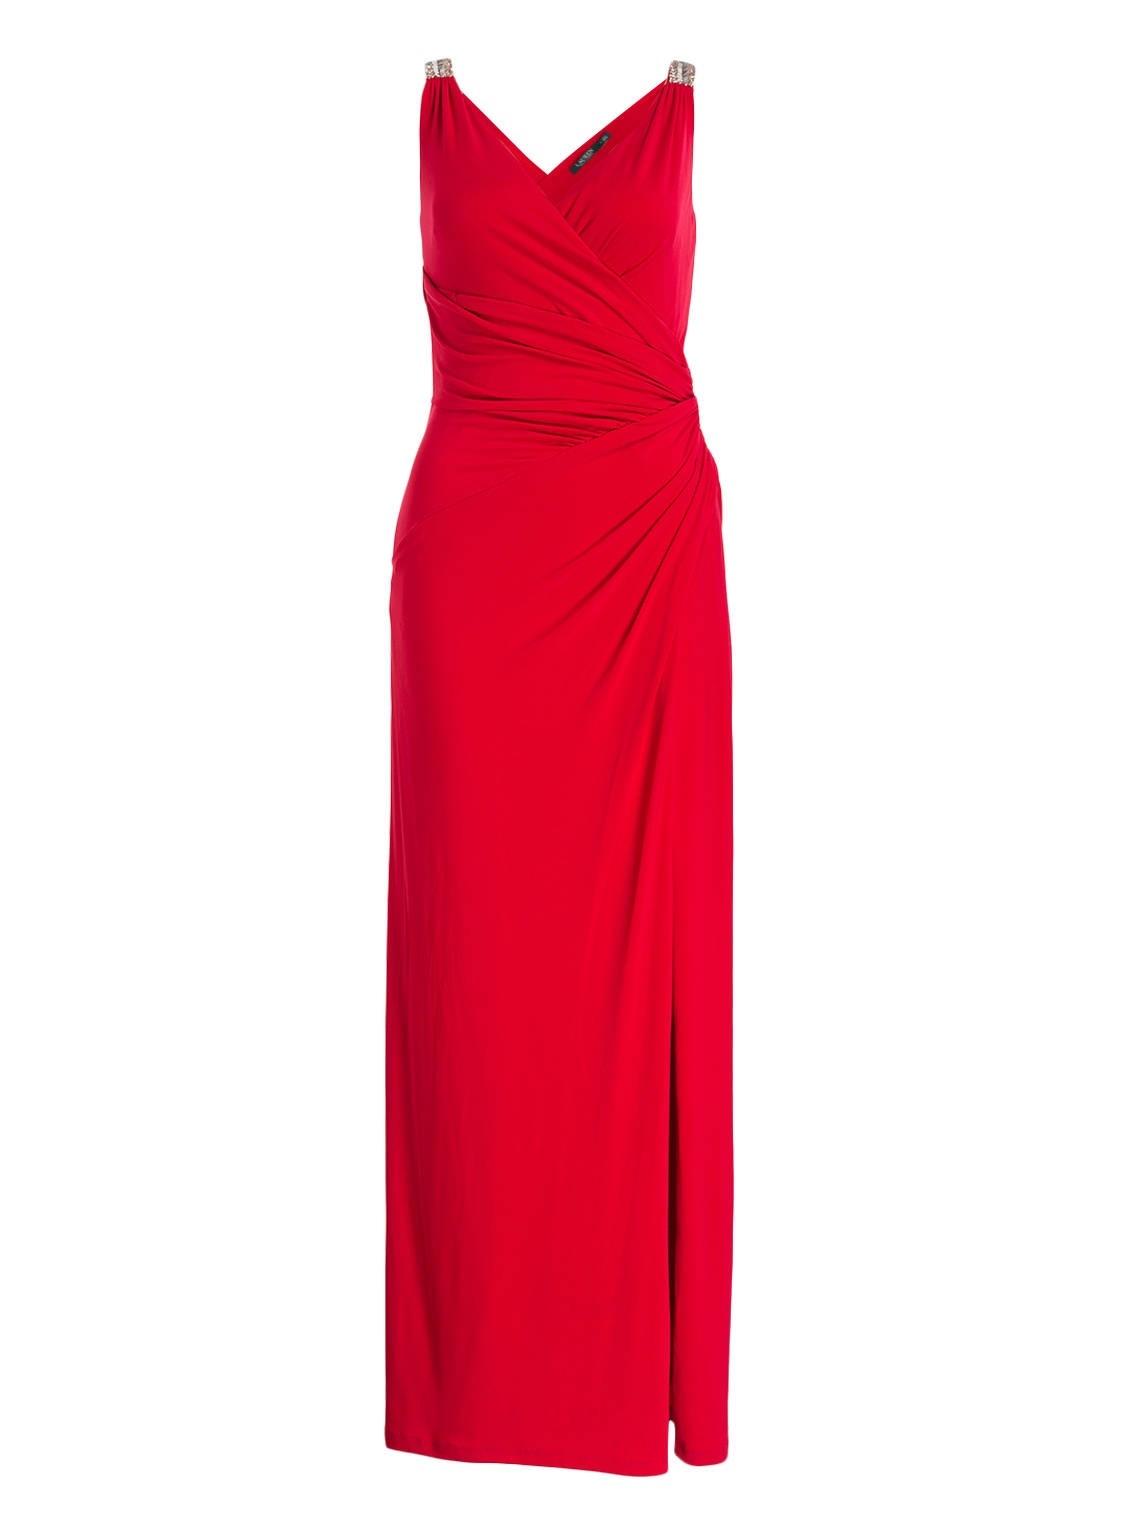 Formal Top Abendkleider Online Günstig Kaufen VertriebDesigner Wunderbar Abendkleider Online Günstig Kaufen Vertrieb